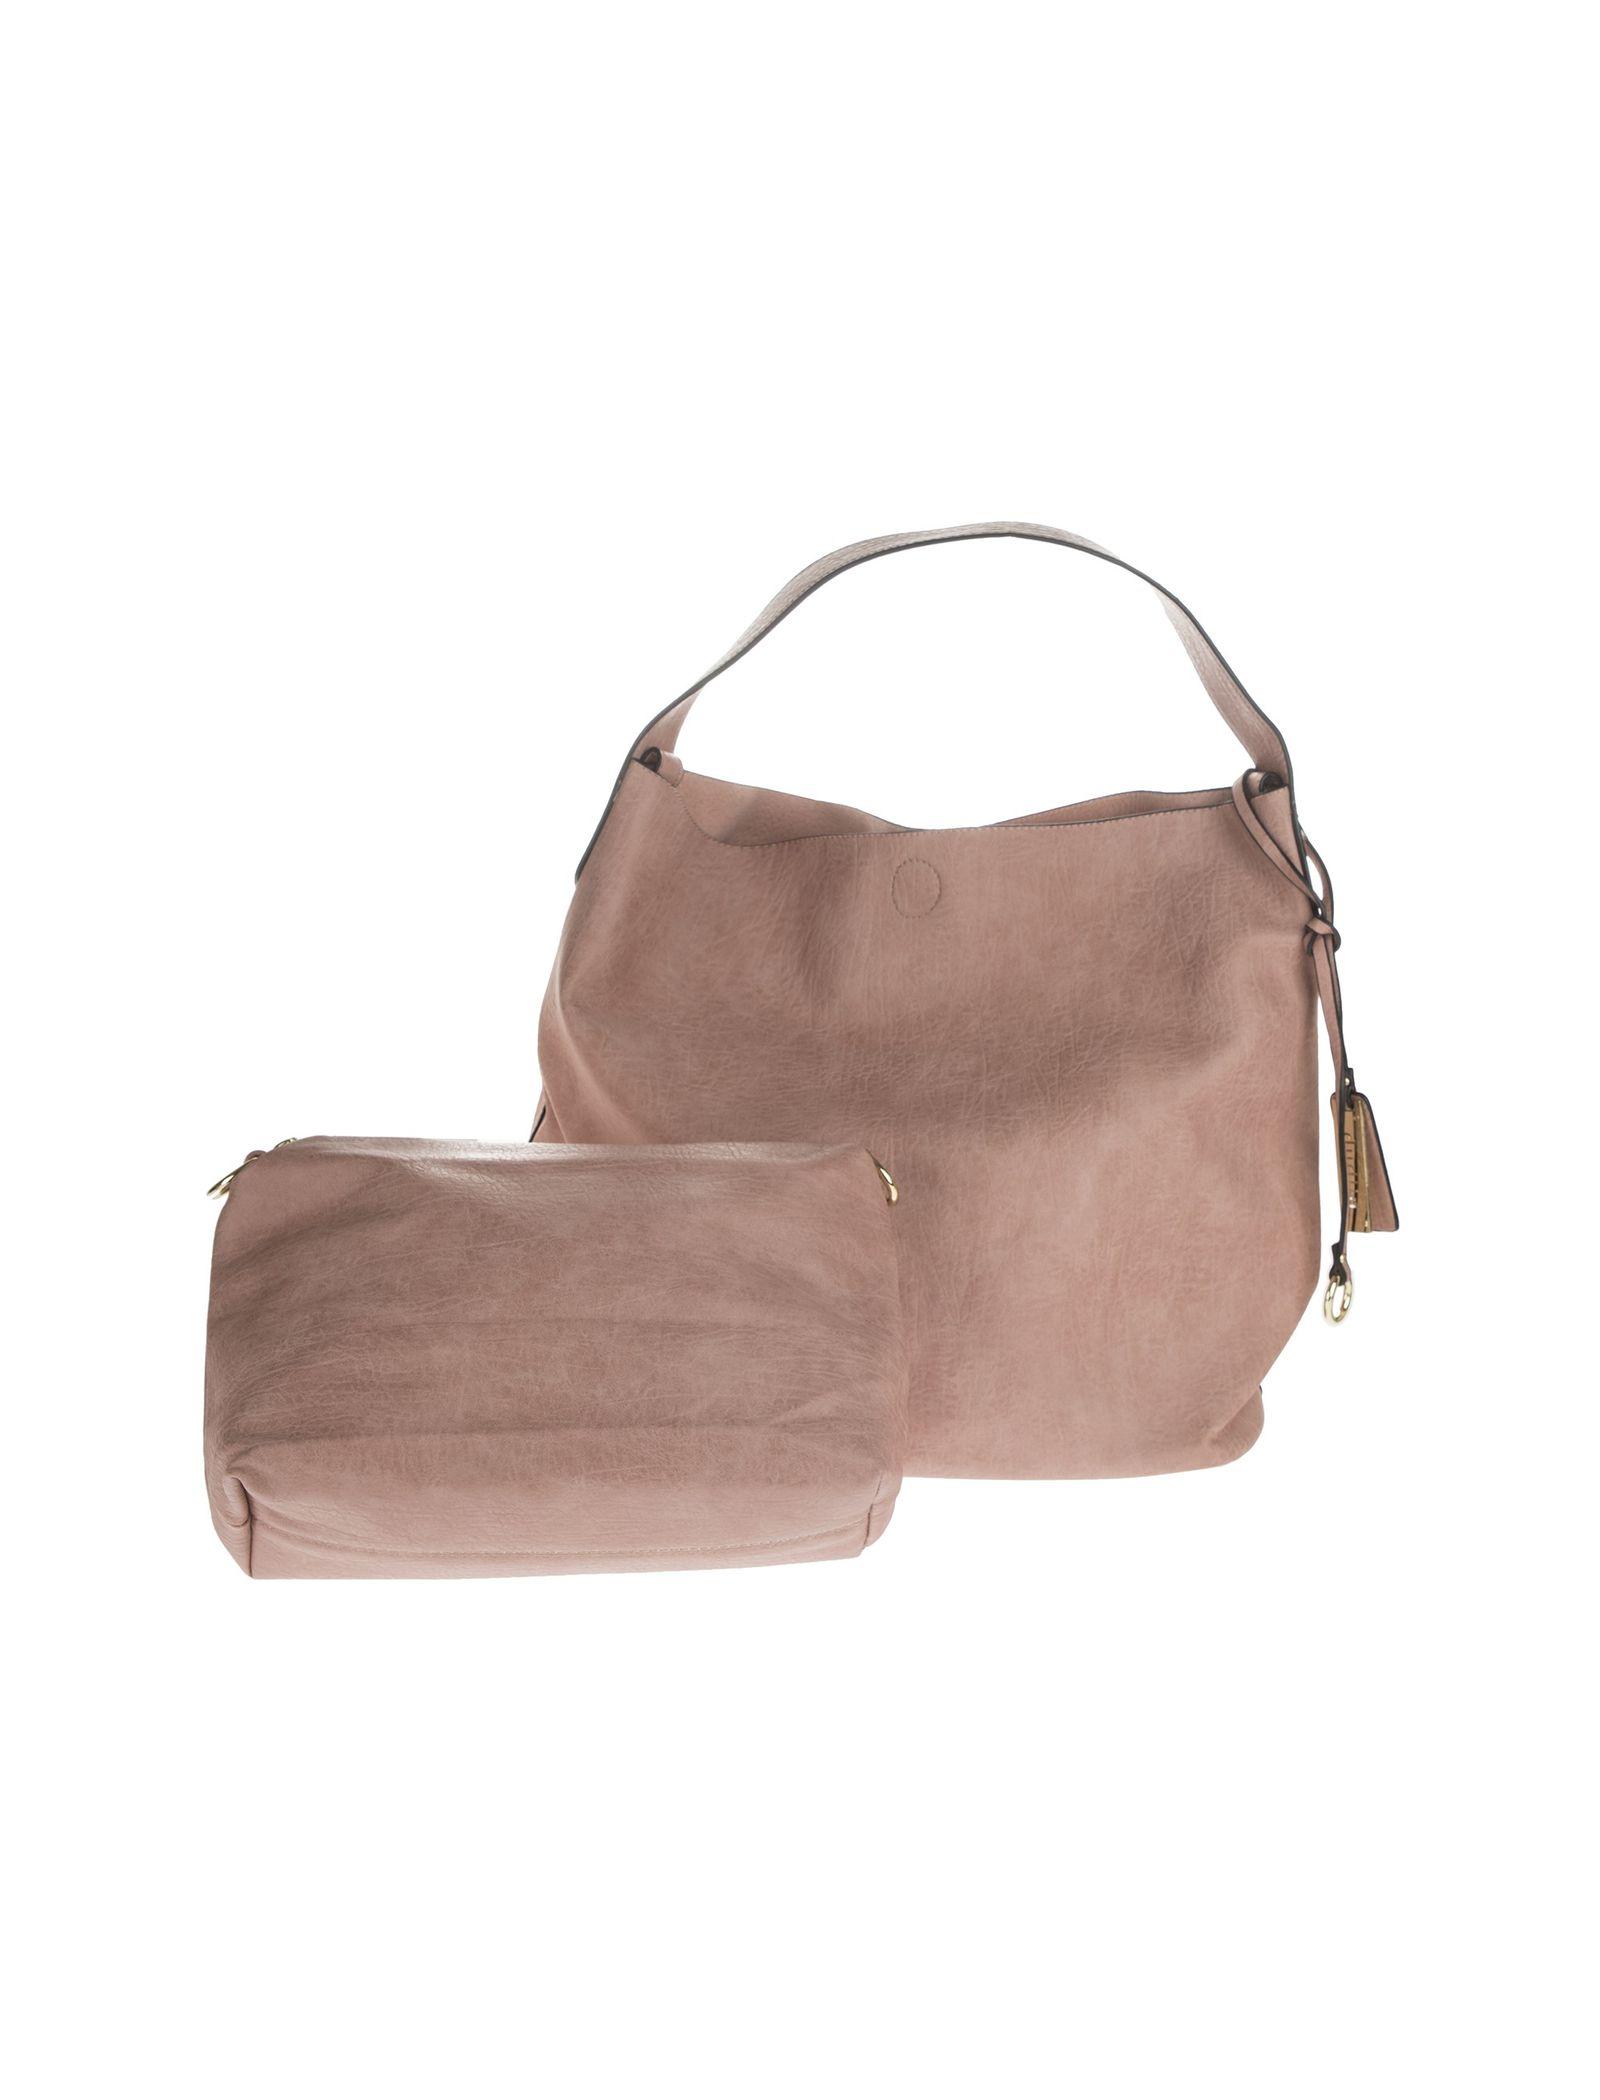 کیف دستی روزمره زنانه - دادلین تک سایز - صورتي - 1